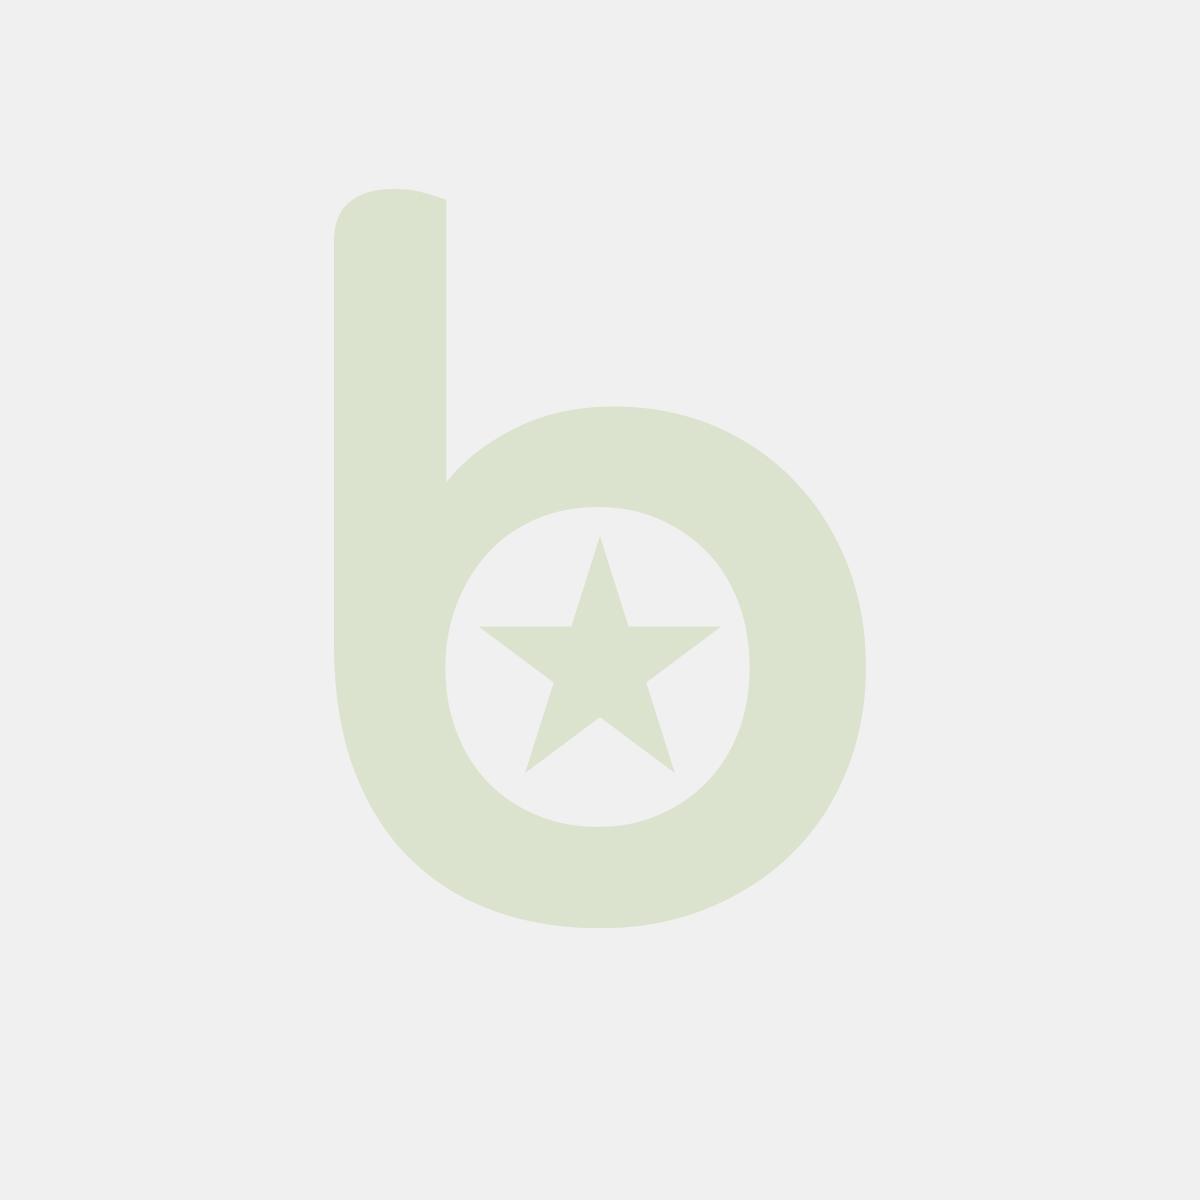 Etui na sztućce szare 23,5x7,3cm z kolorową serwetką op. 100 sztuk